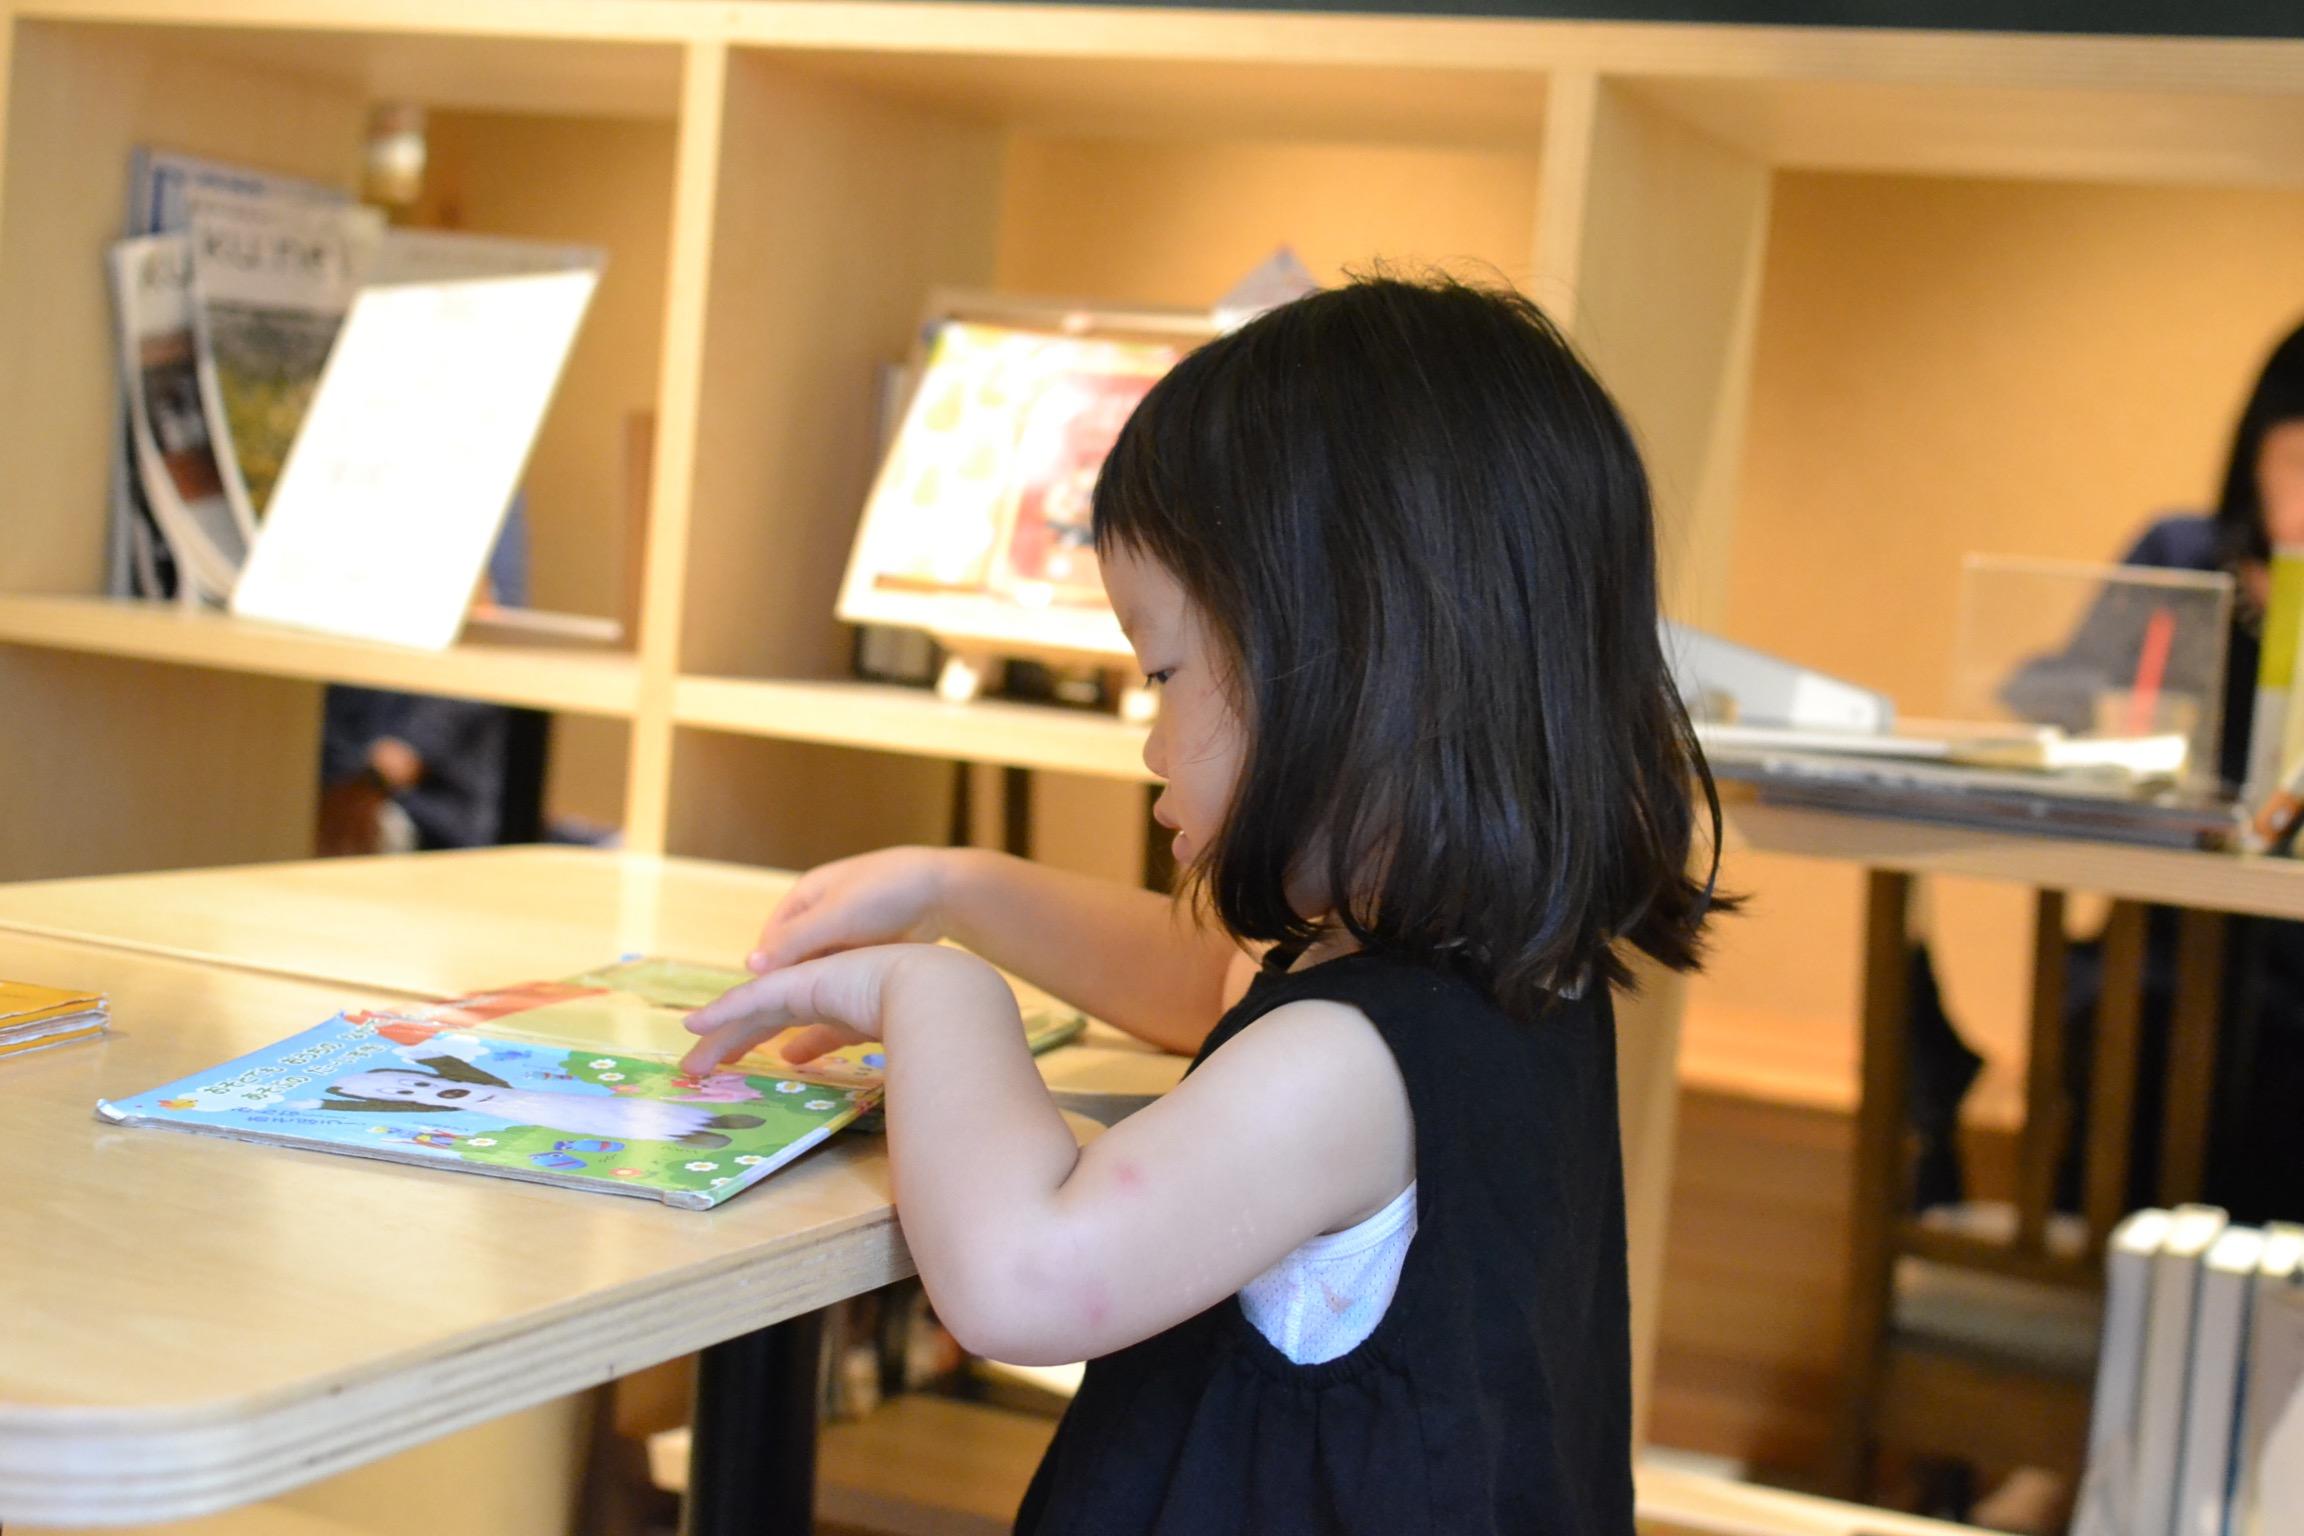 新しい本に触れる時間は子供も大人もワクワクします